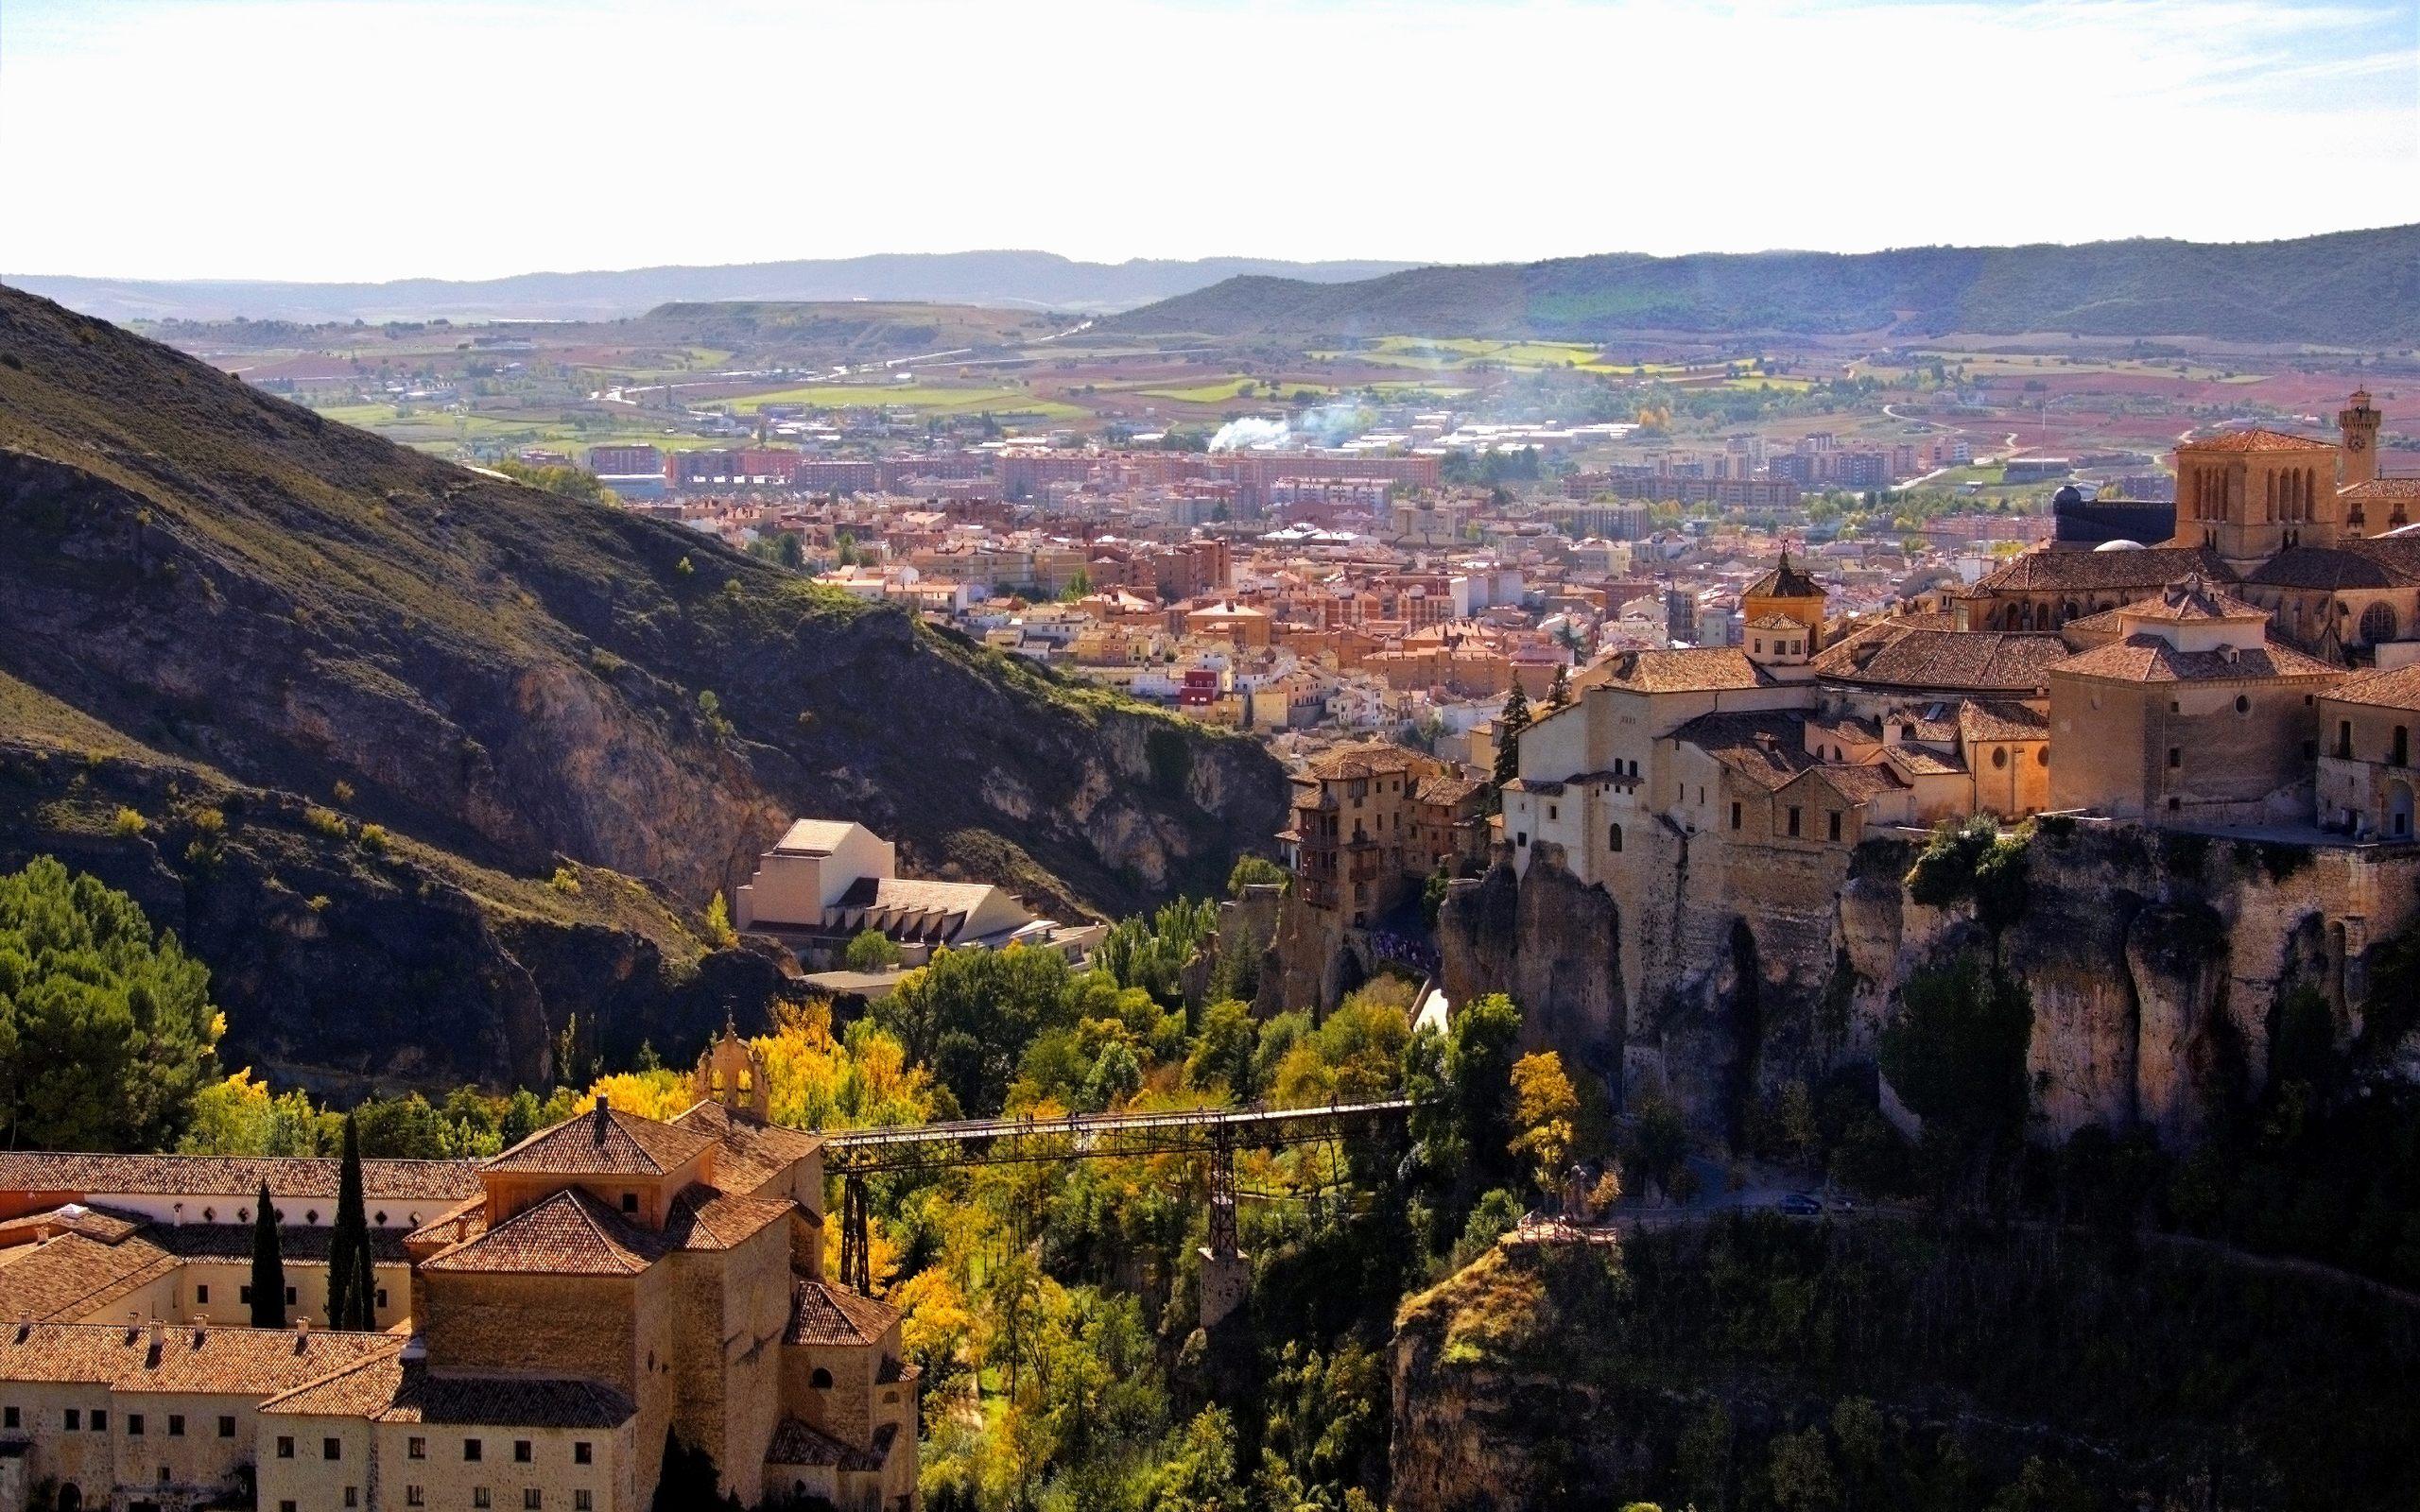 Cuenca vistas